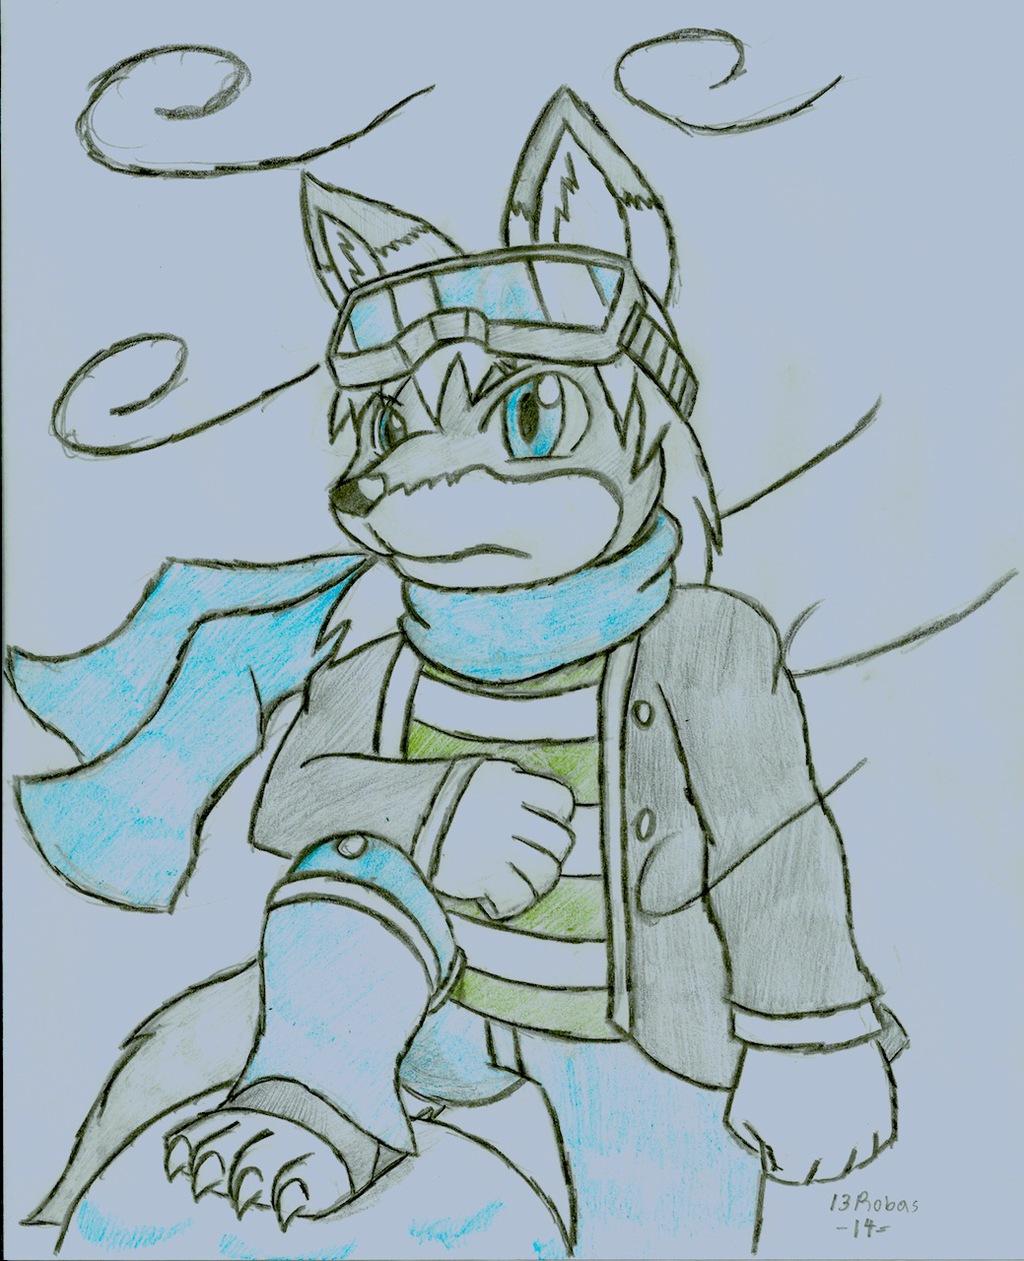 Froste